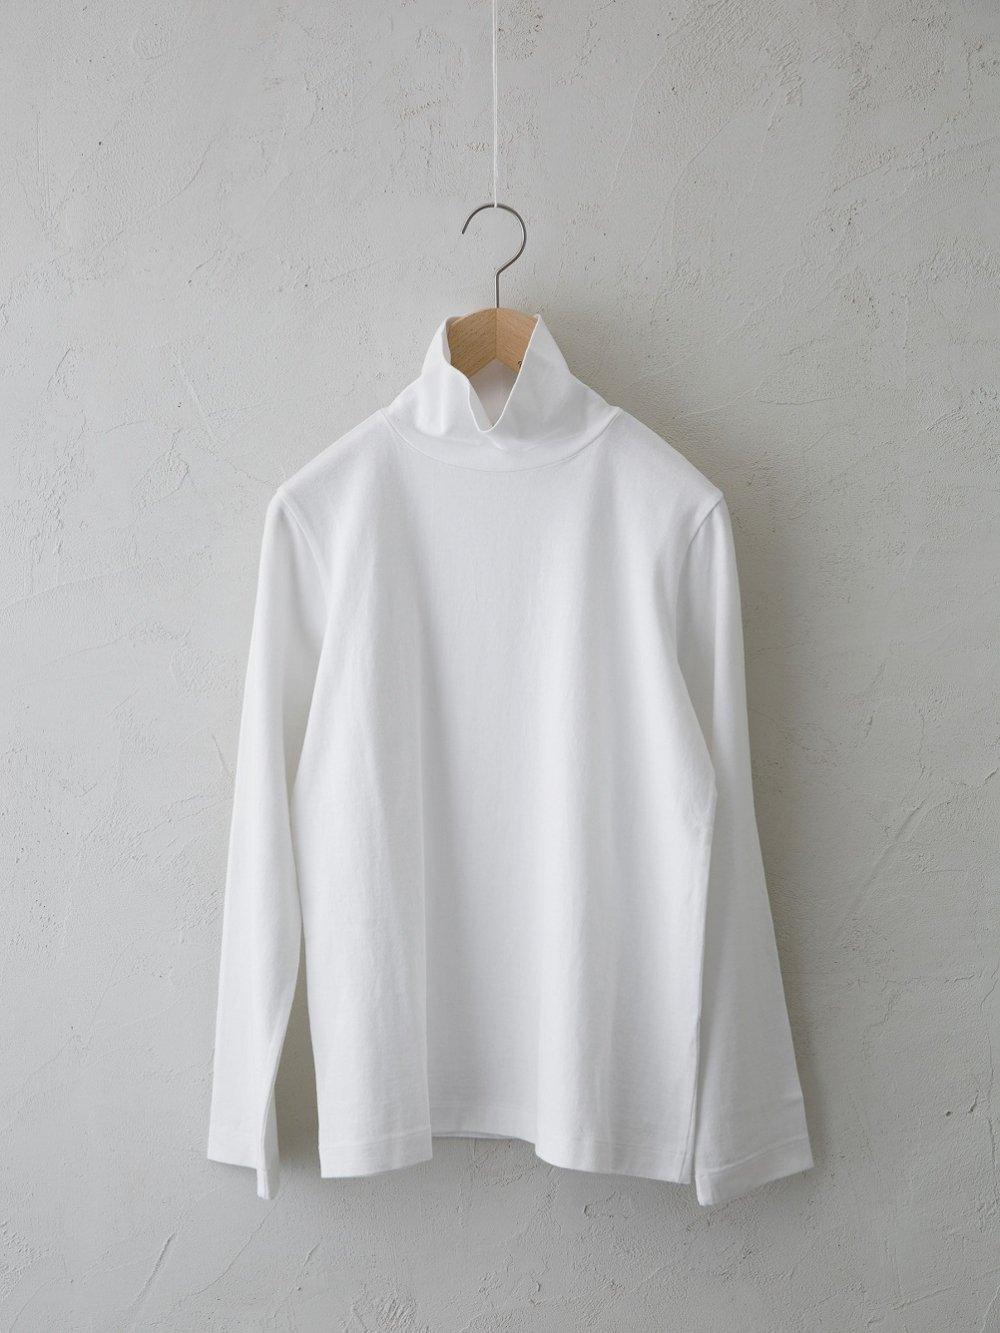 & 12 Linen(天竺) ハイネック長袖Tシャツ-standard- (Ladies' & Men's)